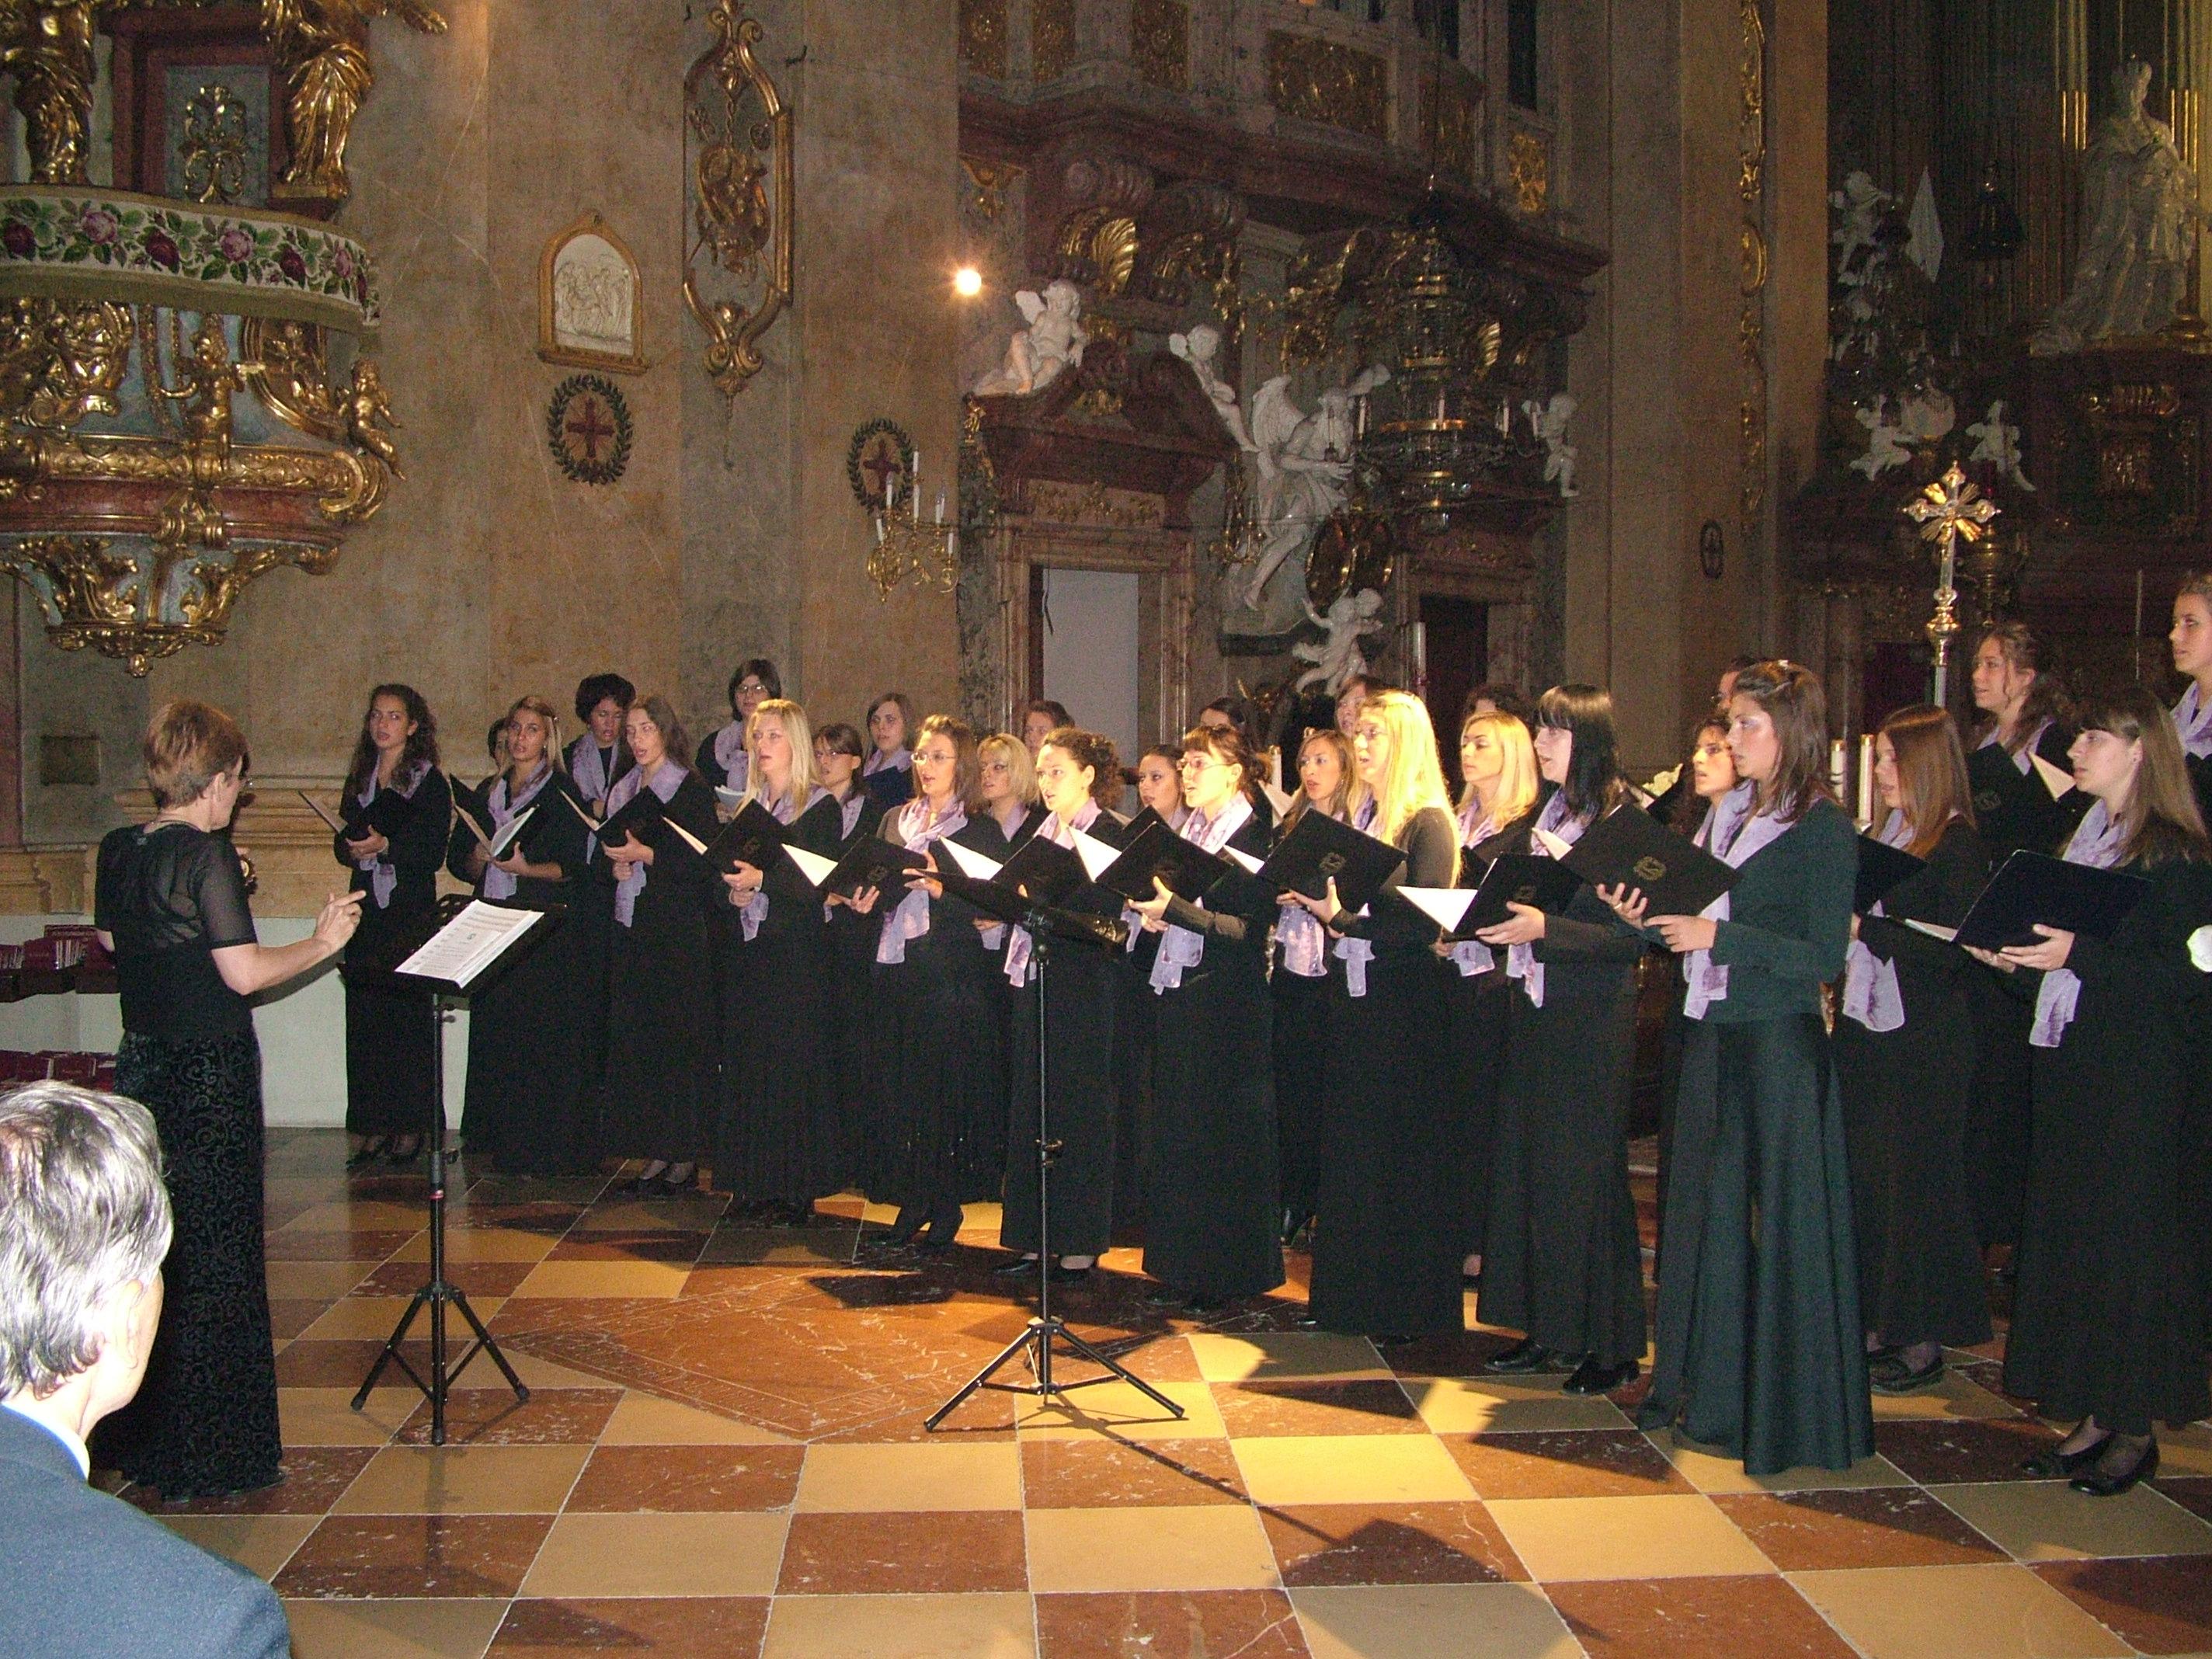 Hor Barili - Vaskršnji koncert u Kripti Hrama Svetog Save u Beogradu 17787